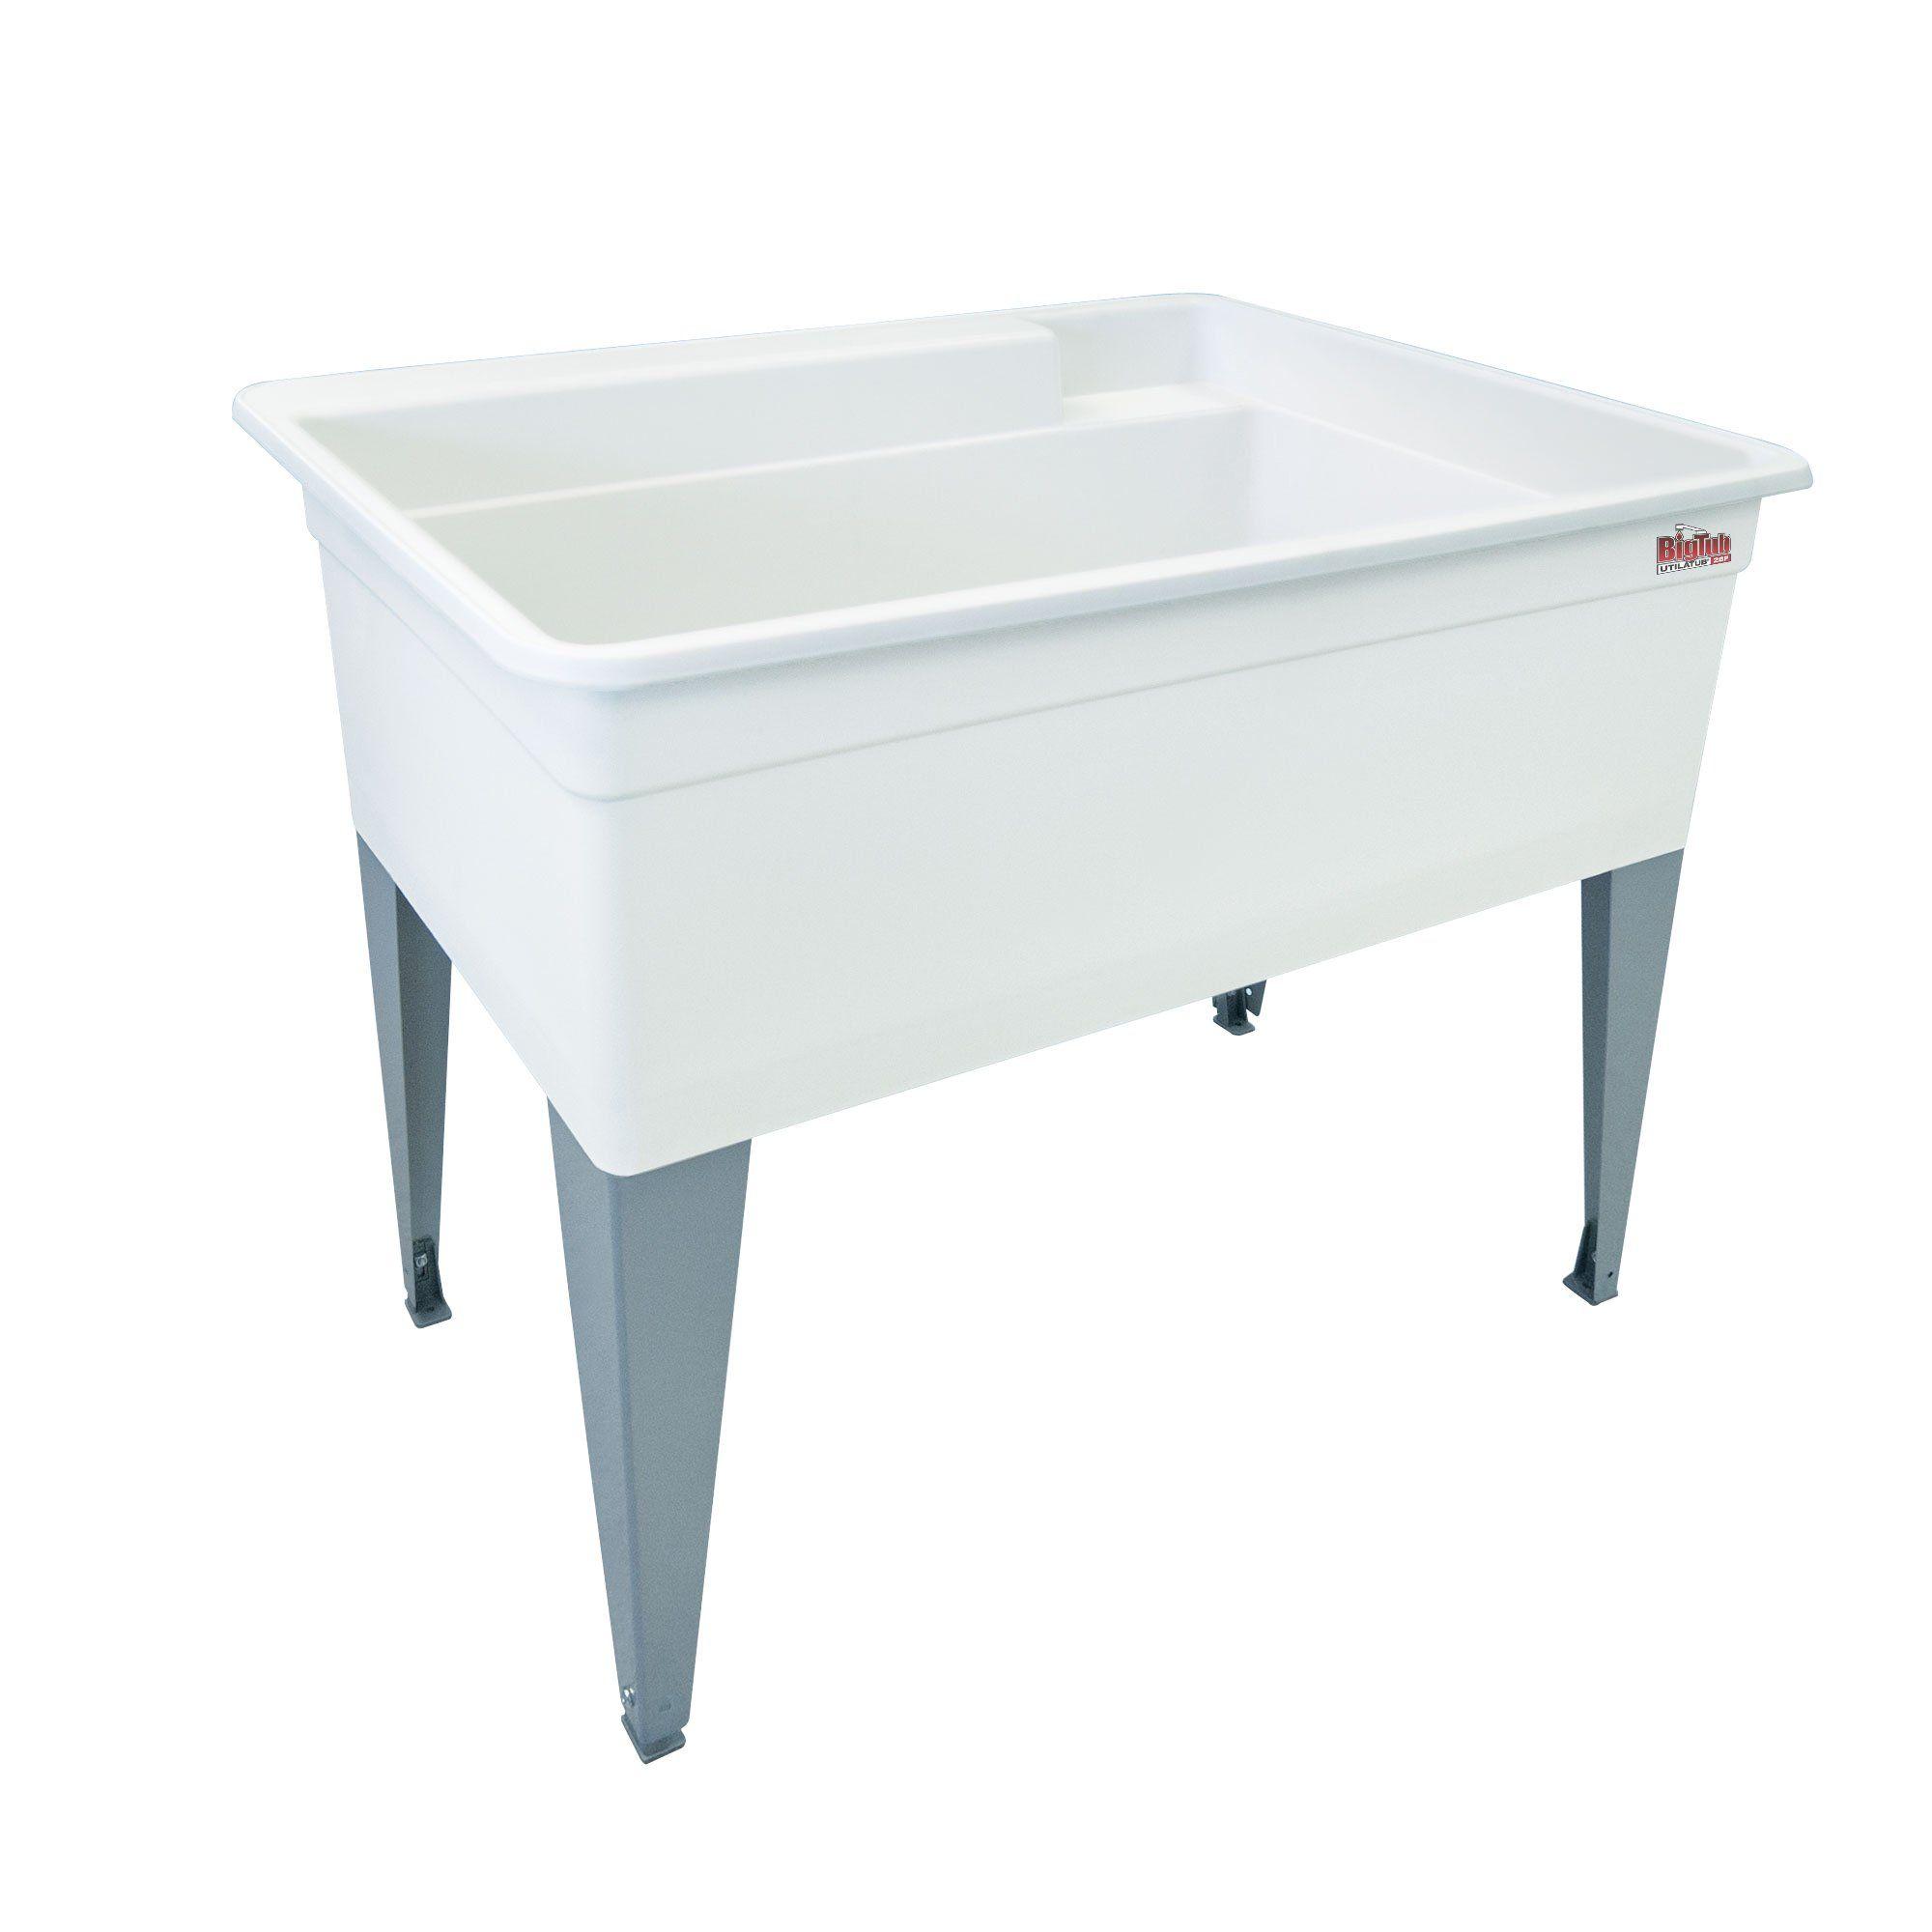 Dog Tub For Mud Room Mustee 28f Bigtub Utilatub Laundry Tub Floor